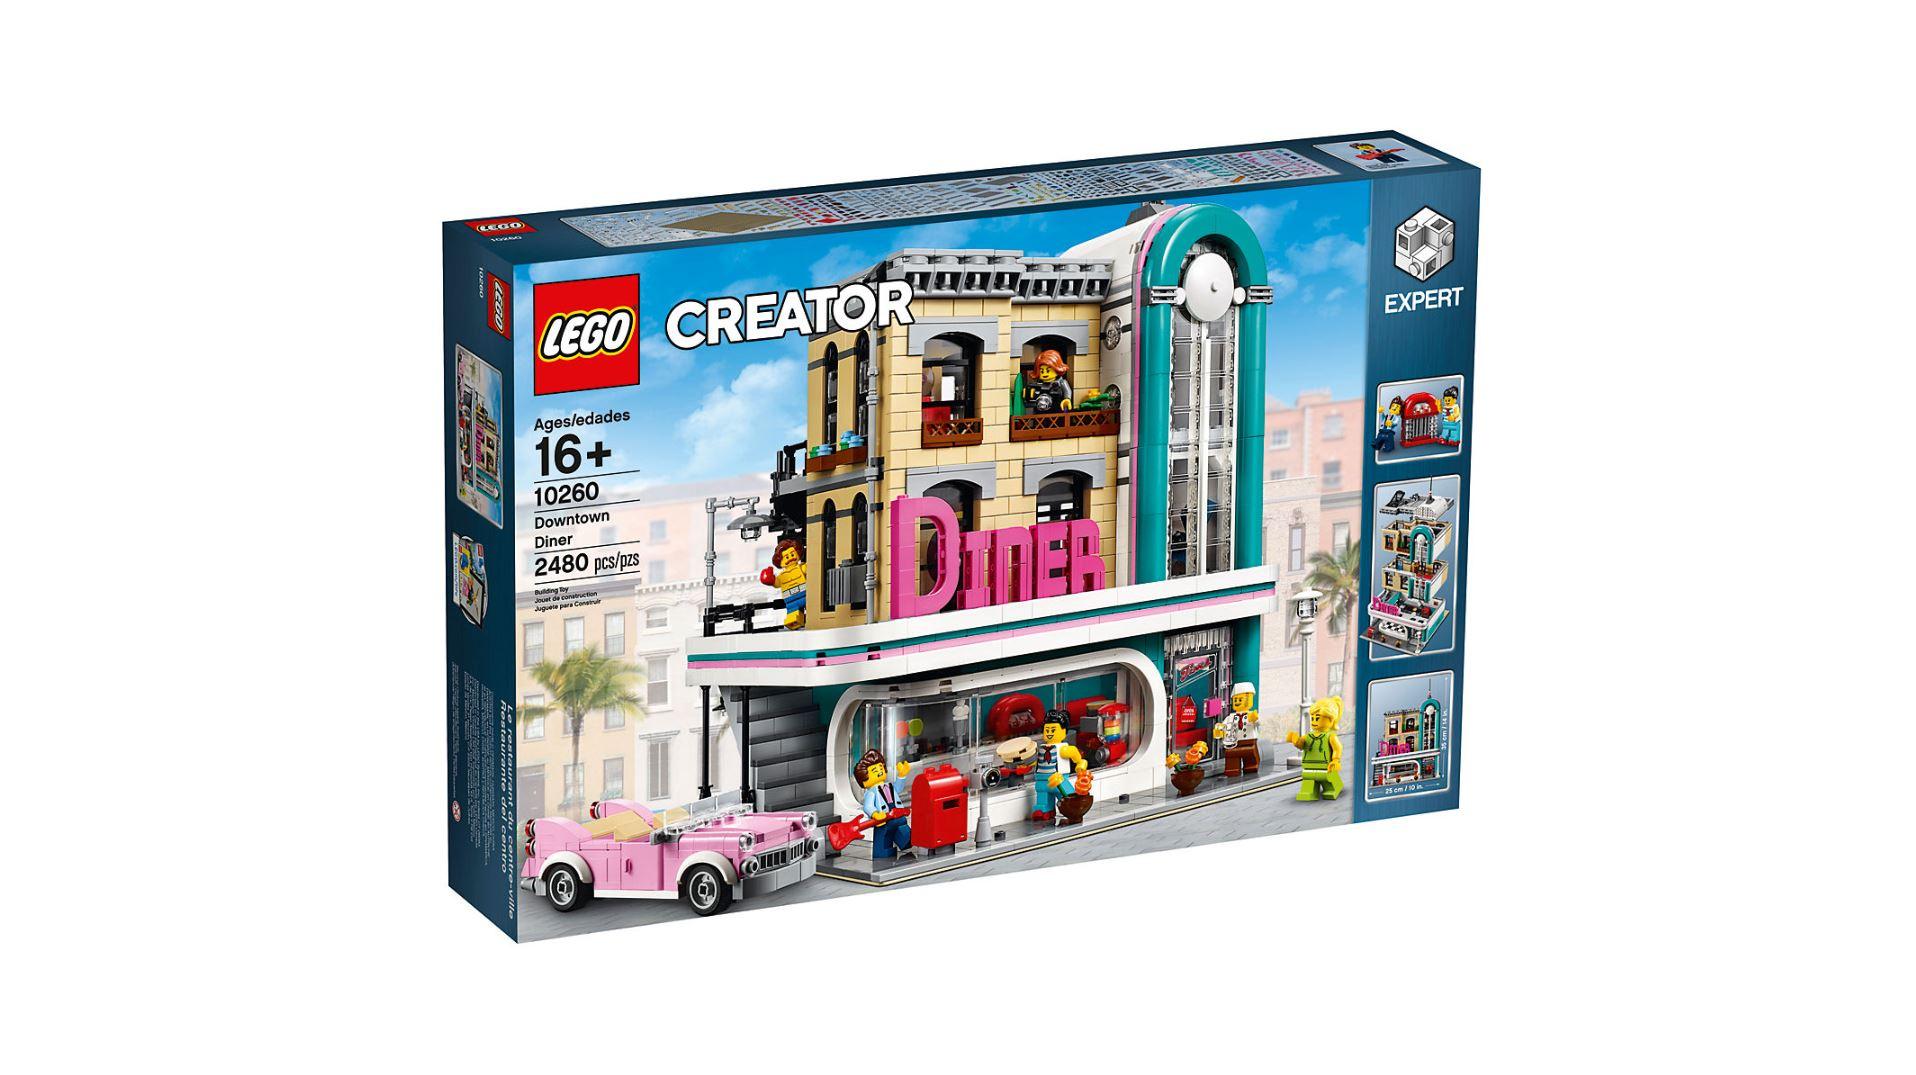 lego creator expert 10260 amerikanisches diner bei lego verf gbar brickzeit. Black Bedroom Furniture Sets. Home Design Ideas